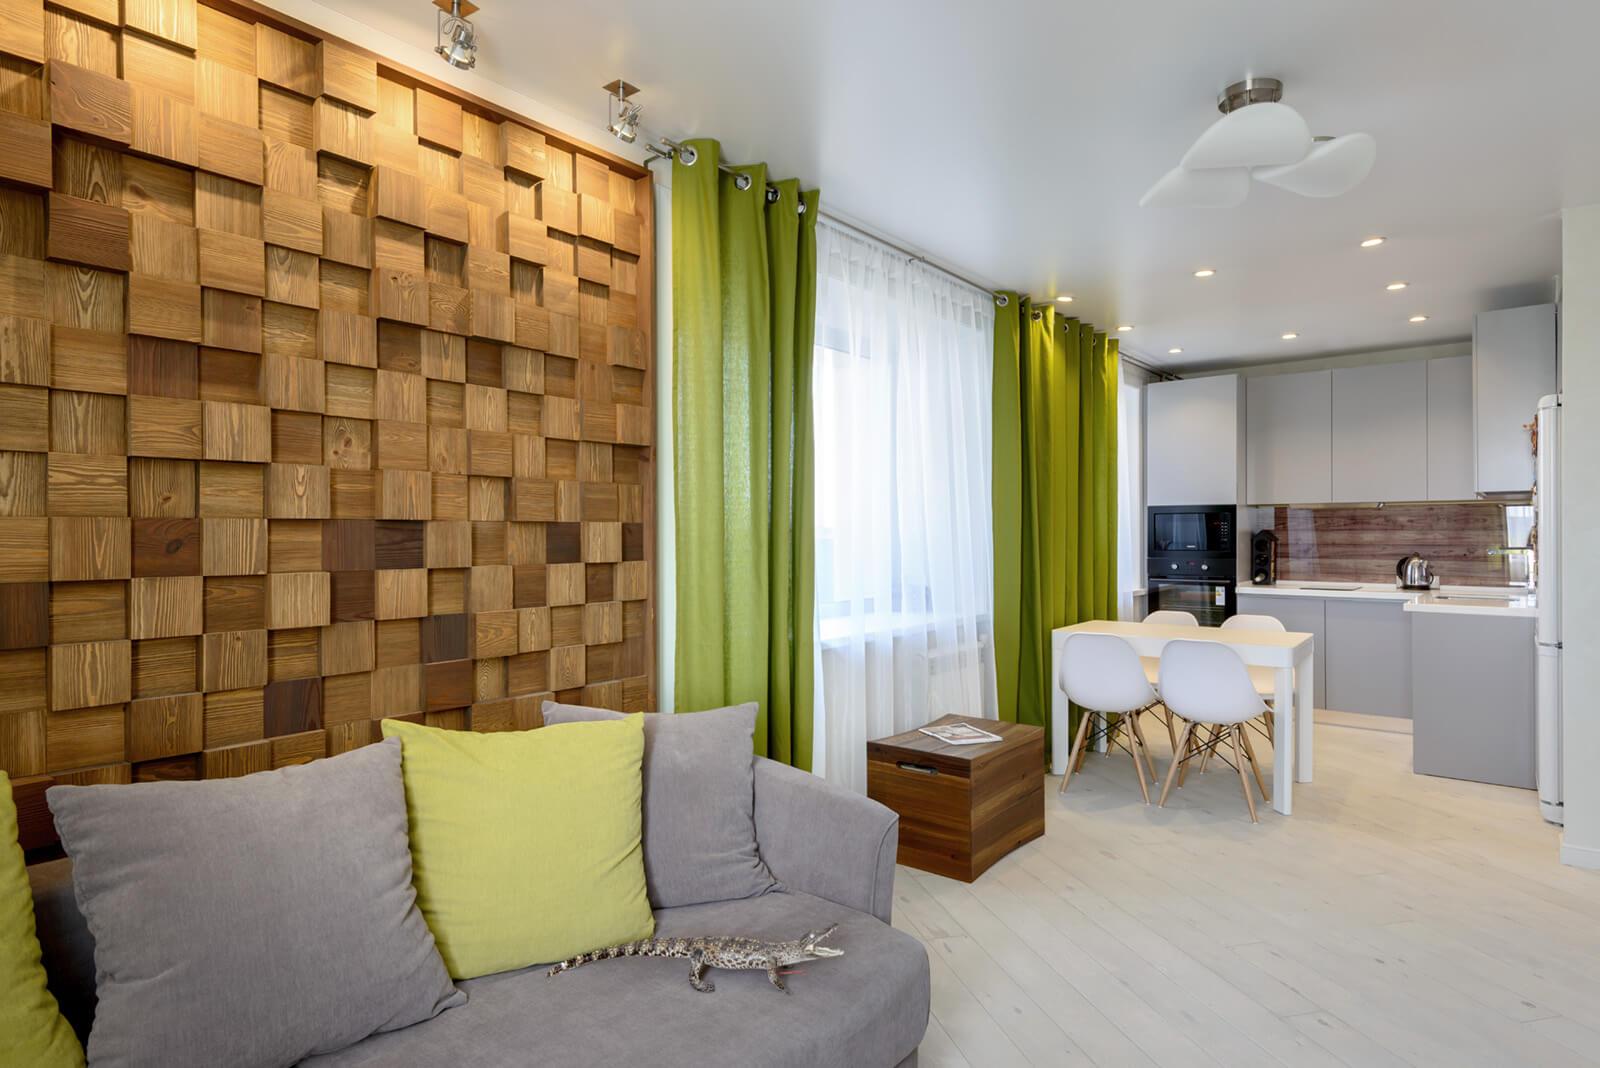 Кухня-гостиная в стиле эко-лофт: фото экостиля в интерьере, идеи для дизайна